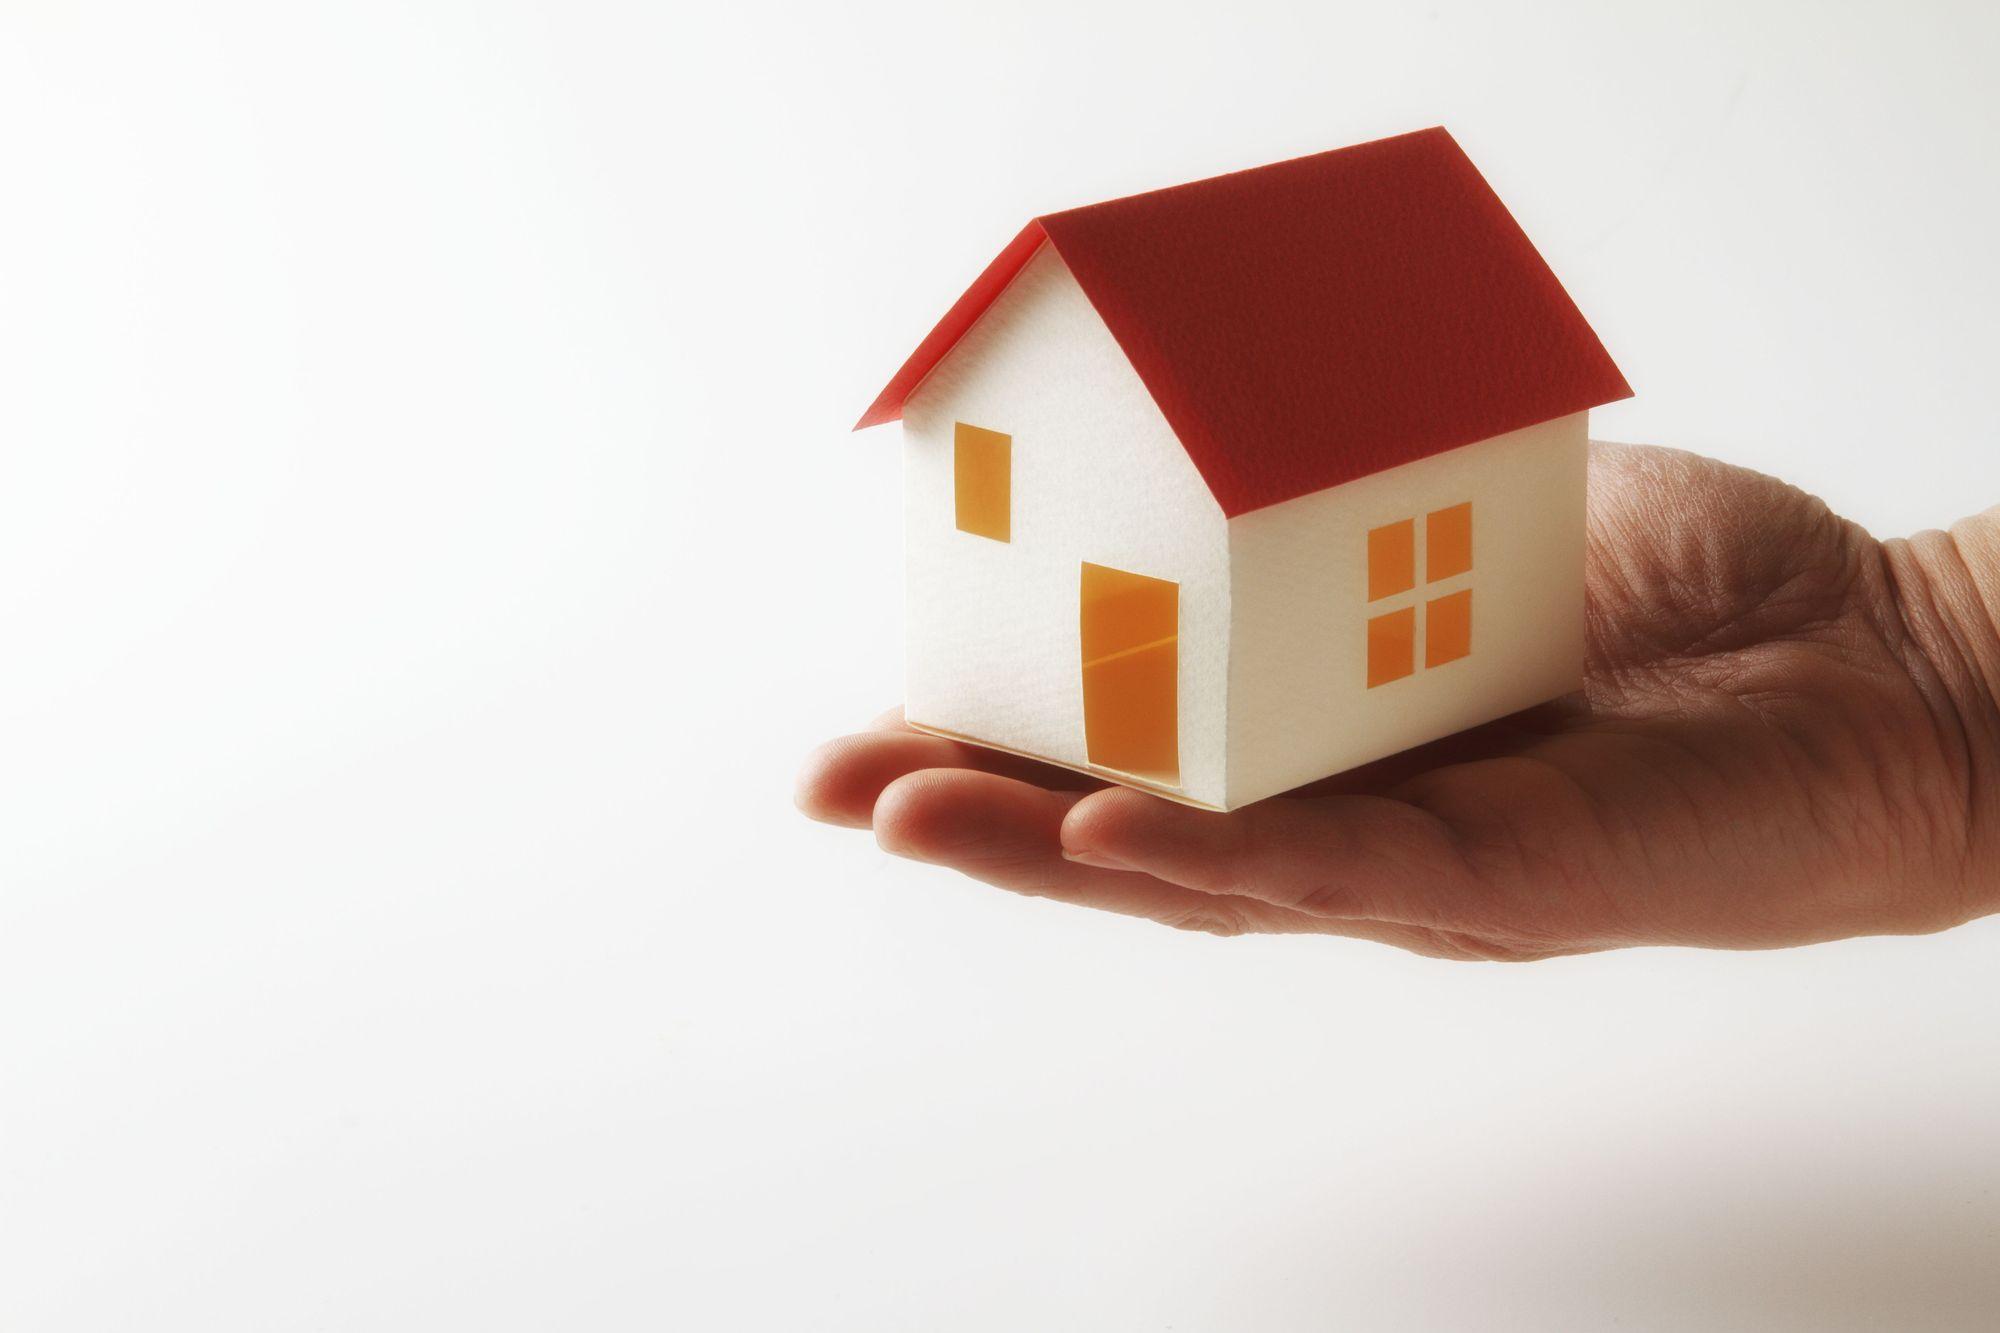 家を買うなら中古物件をオススメする4つの理由